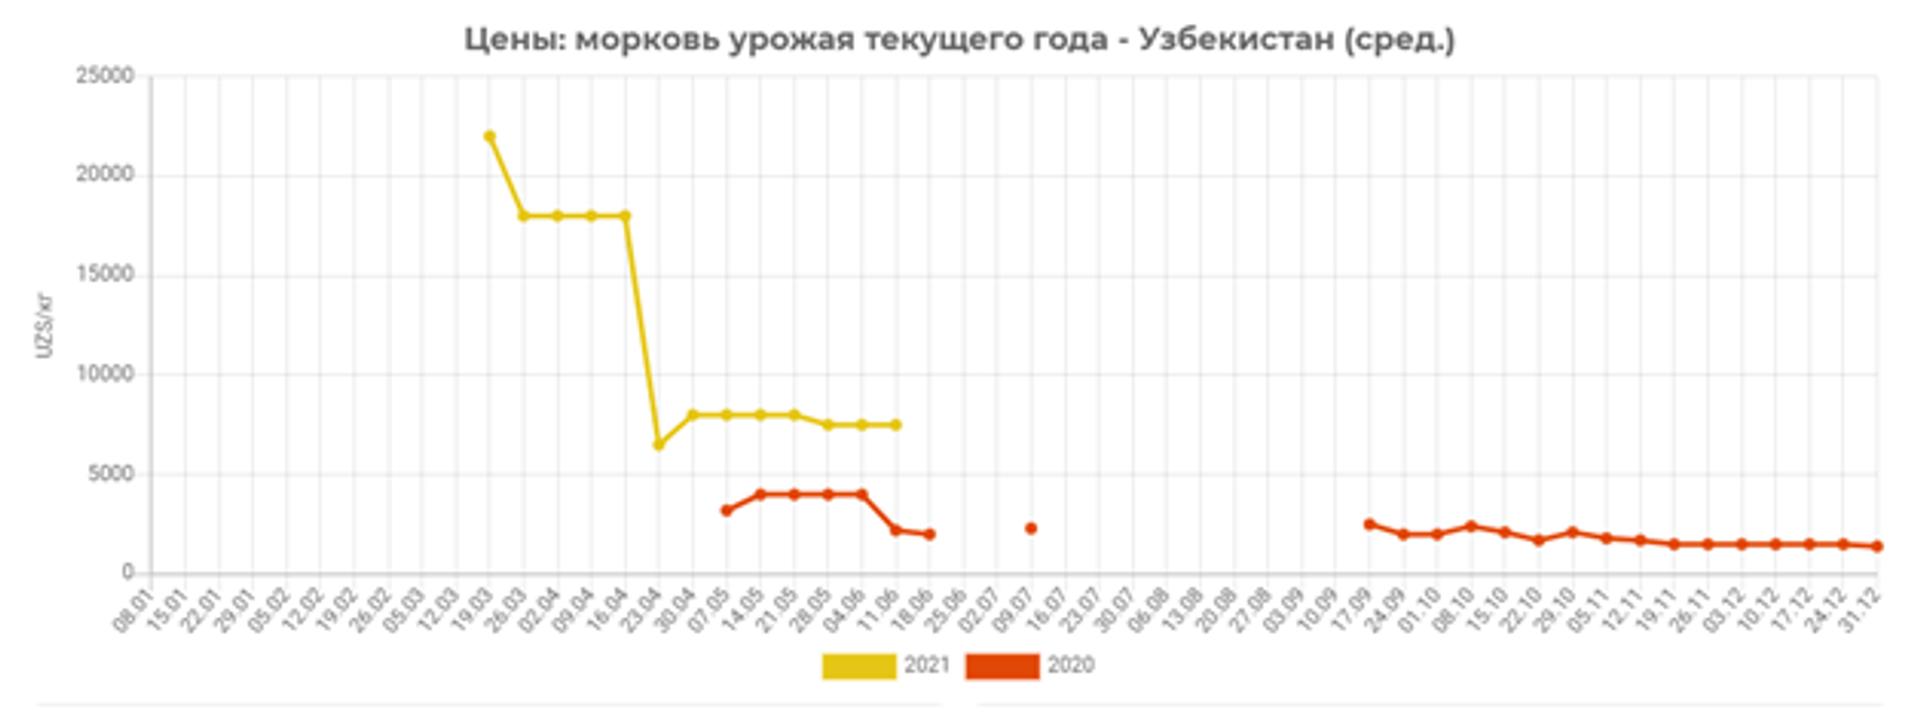 В первой декаде июня 2020 года цены на раннюю морковь упали почти в 2 раза и были ниже почти 3,5 раза, чем текущие цены - Sputnik Узбекистан, 1920, 20.06.2021